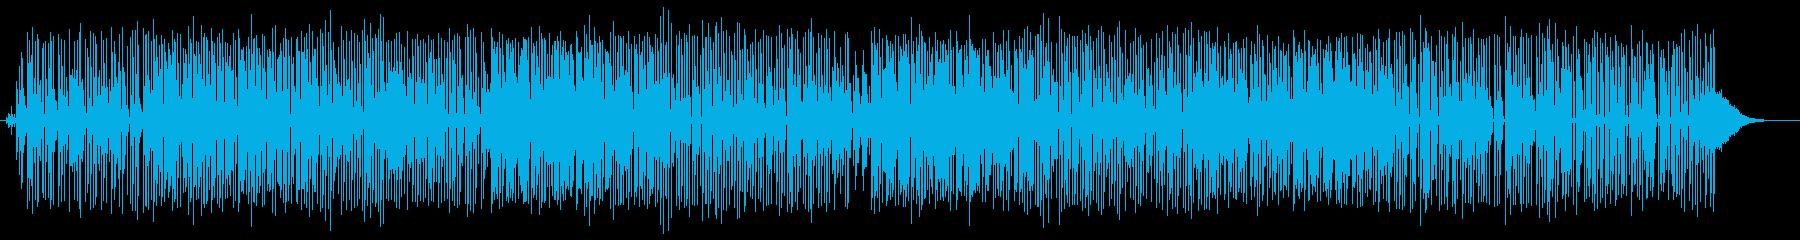 海岸線リゾートで心地よい重低音の再生済みの波形